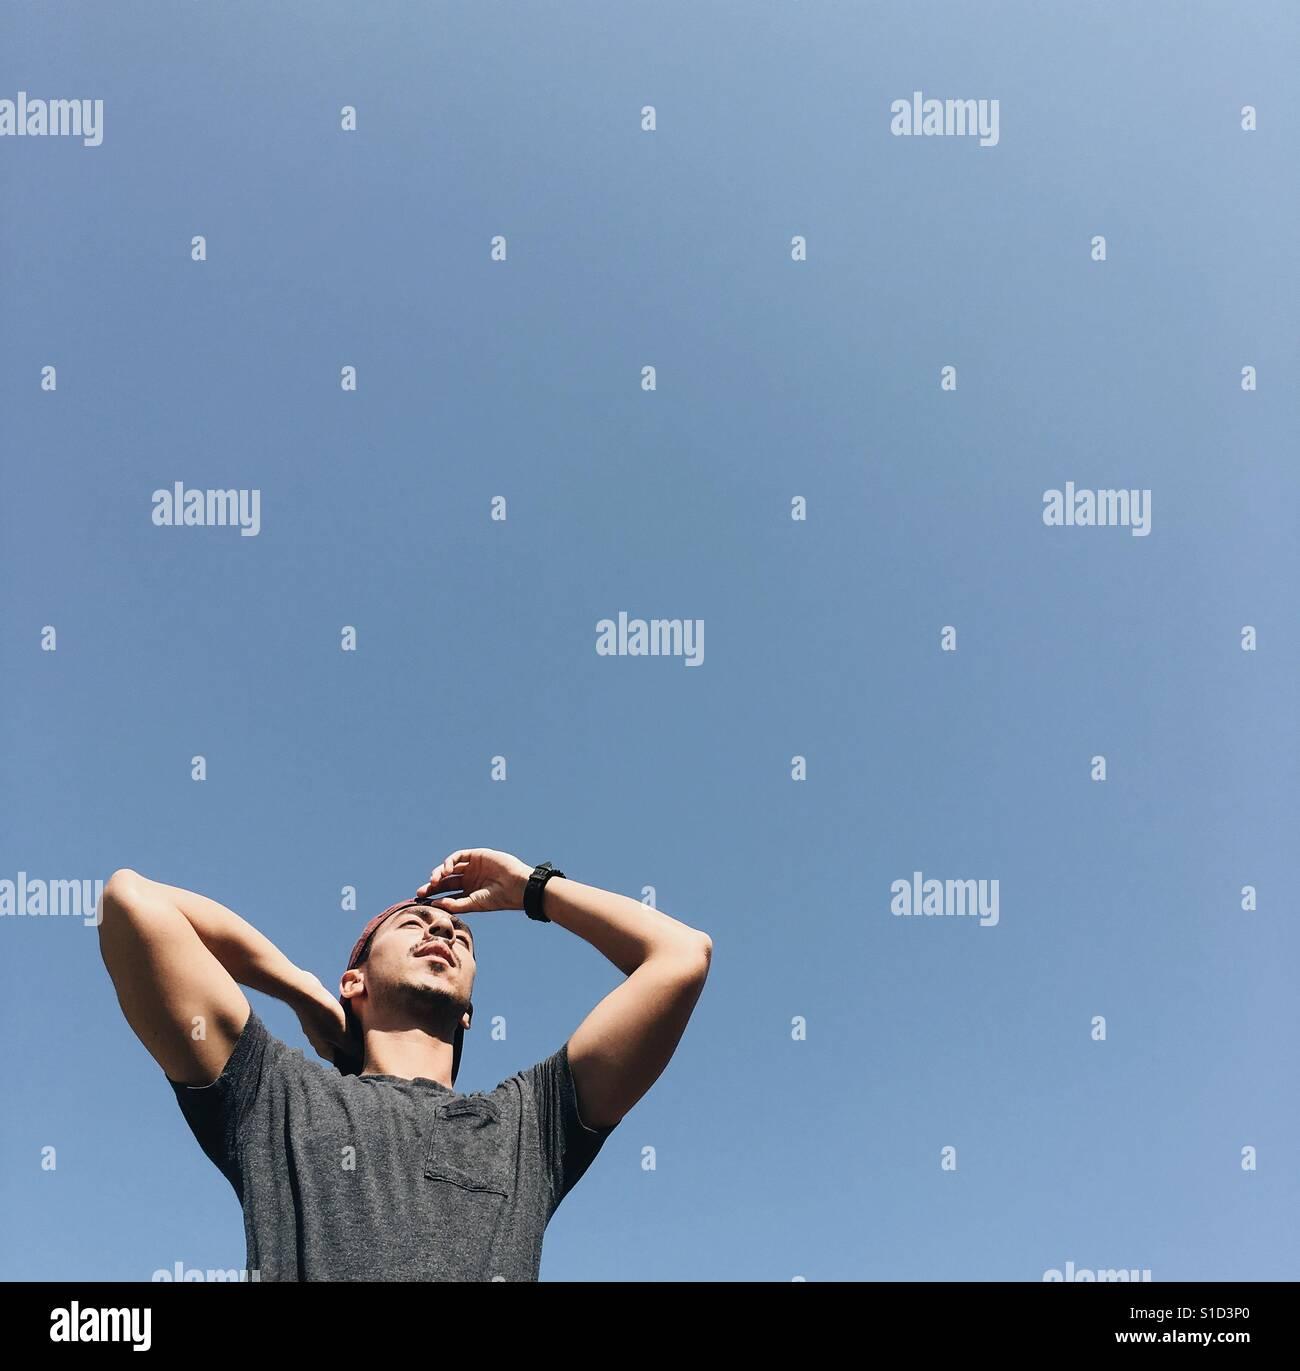 Stehend in der Sonne - inspirierend, Blick in die Zukunft Stockfoto